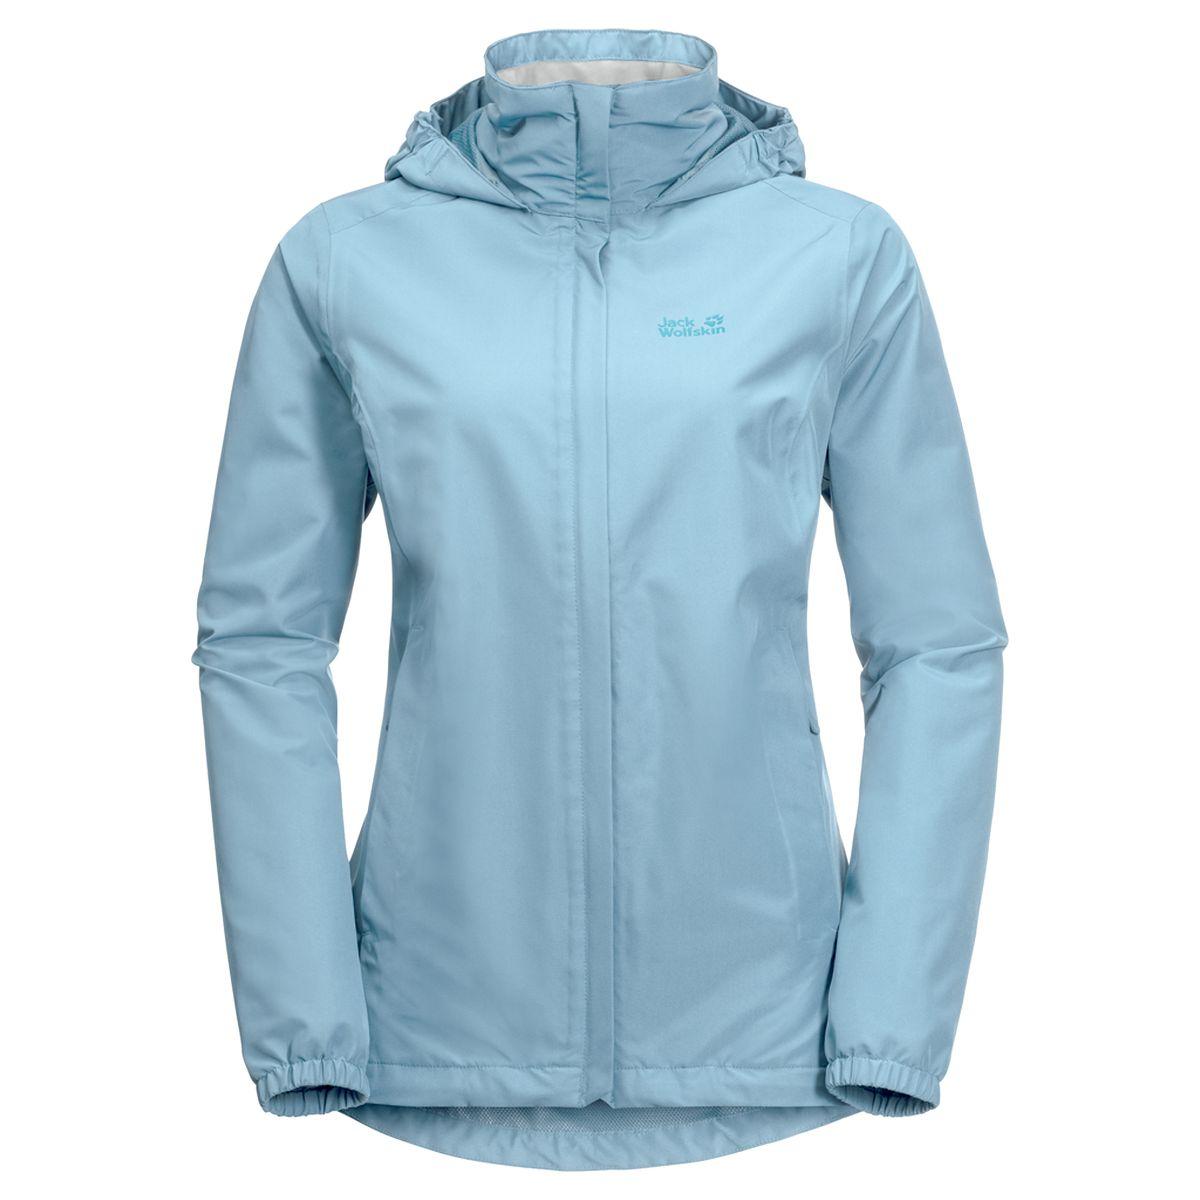 Куртка Jack Wolfskin1111201-1145В сырую и ветреную погоду на природе может быть даже весело — если, конечно же, на вас STORMY POINT JACKET (СТОРМИ ПОЙНТ ДЖЭКЕТ). Это одна из самых легких мембранных курток в нашей коллекции. Ткань приятно мягкая на ощупь, и при этом она невероятно прочная. Добавьте к этому легендарную водостойкость и дышащие свойства нашей технологичной ткани TEXAPORE (ТЕКСАПОР) — и все это ваша куртка, на которую вы можете рассчитывать в вопросах защиты от непогоды. При создании STORMY POINT (СТОРМИ ПОЙНТ) мы задействовали сверхпрочную версию TEXAPORE (ТЕКСАПОР), чтобы вдали от цивилизации вам не пришлось беспокоиться о целости вашей куртки. Если дождь прекратился, но по-прежнему дует ветер, капюшон можно убрать в воротник куртки, чтобы он не мешал.